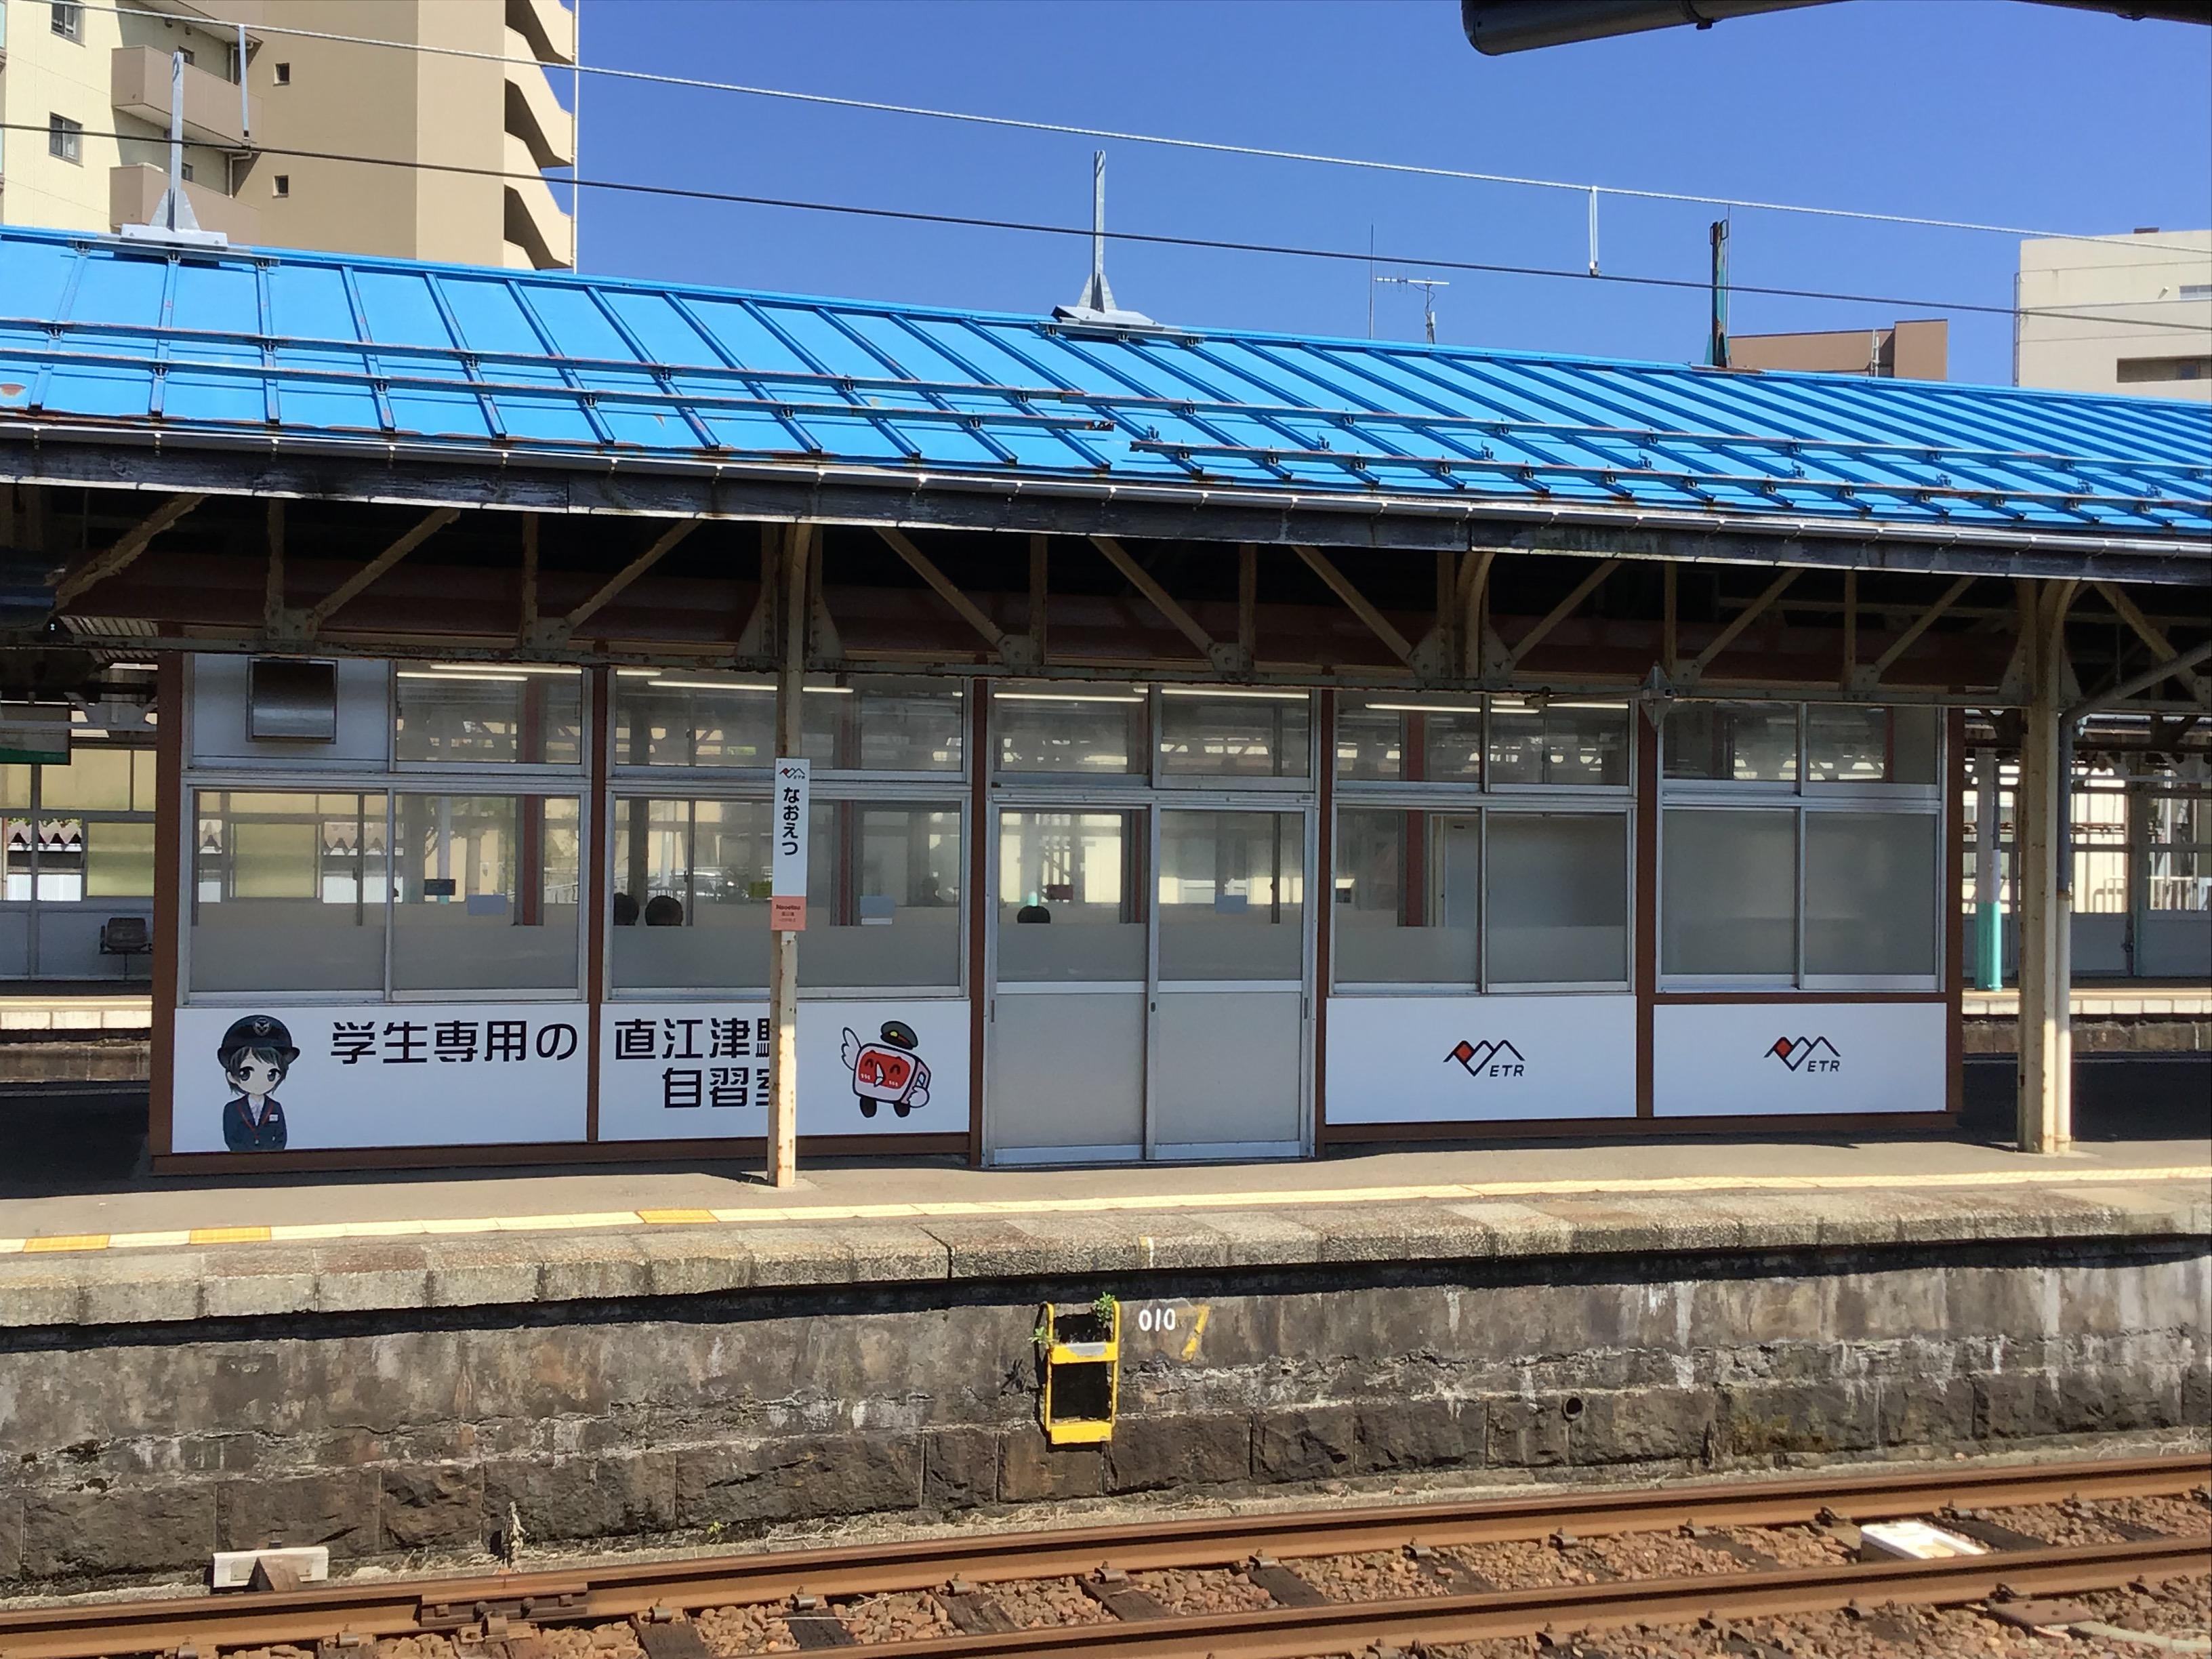 新幹線で2駅の距離感